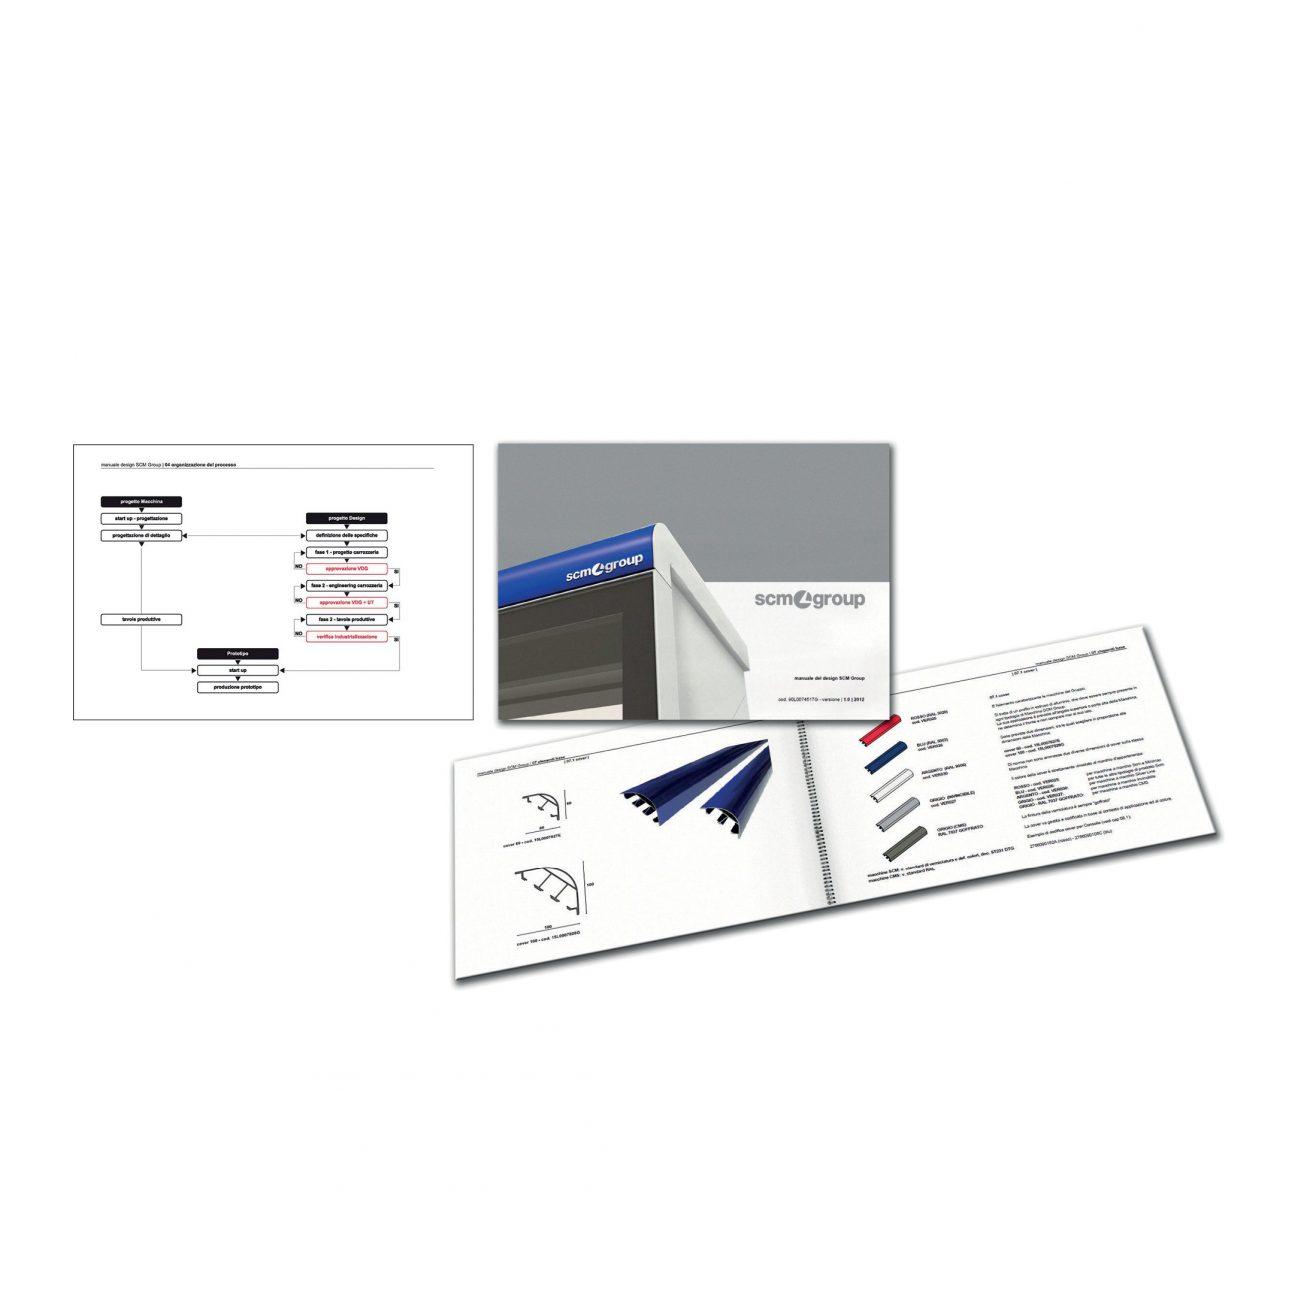 Progettazione realizzazione manuale design, Coordinazione stile gamma prodotti SCM Group